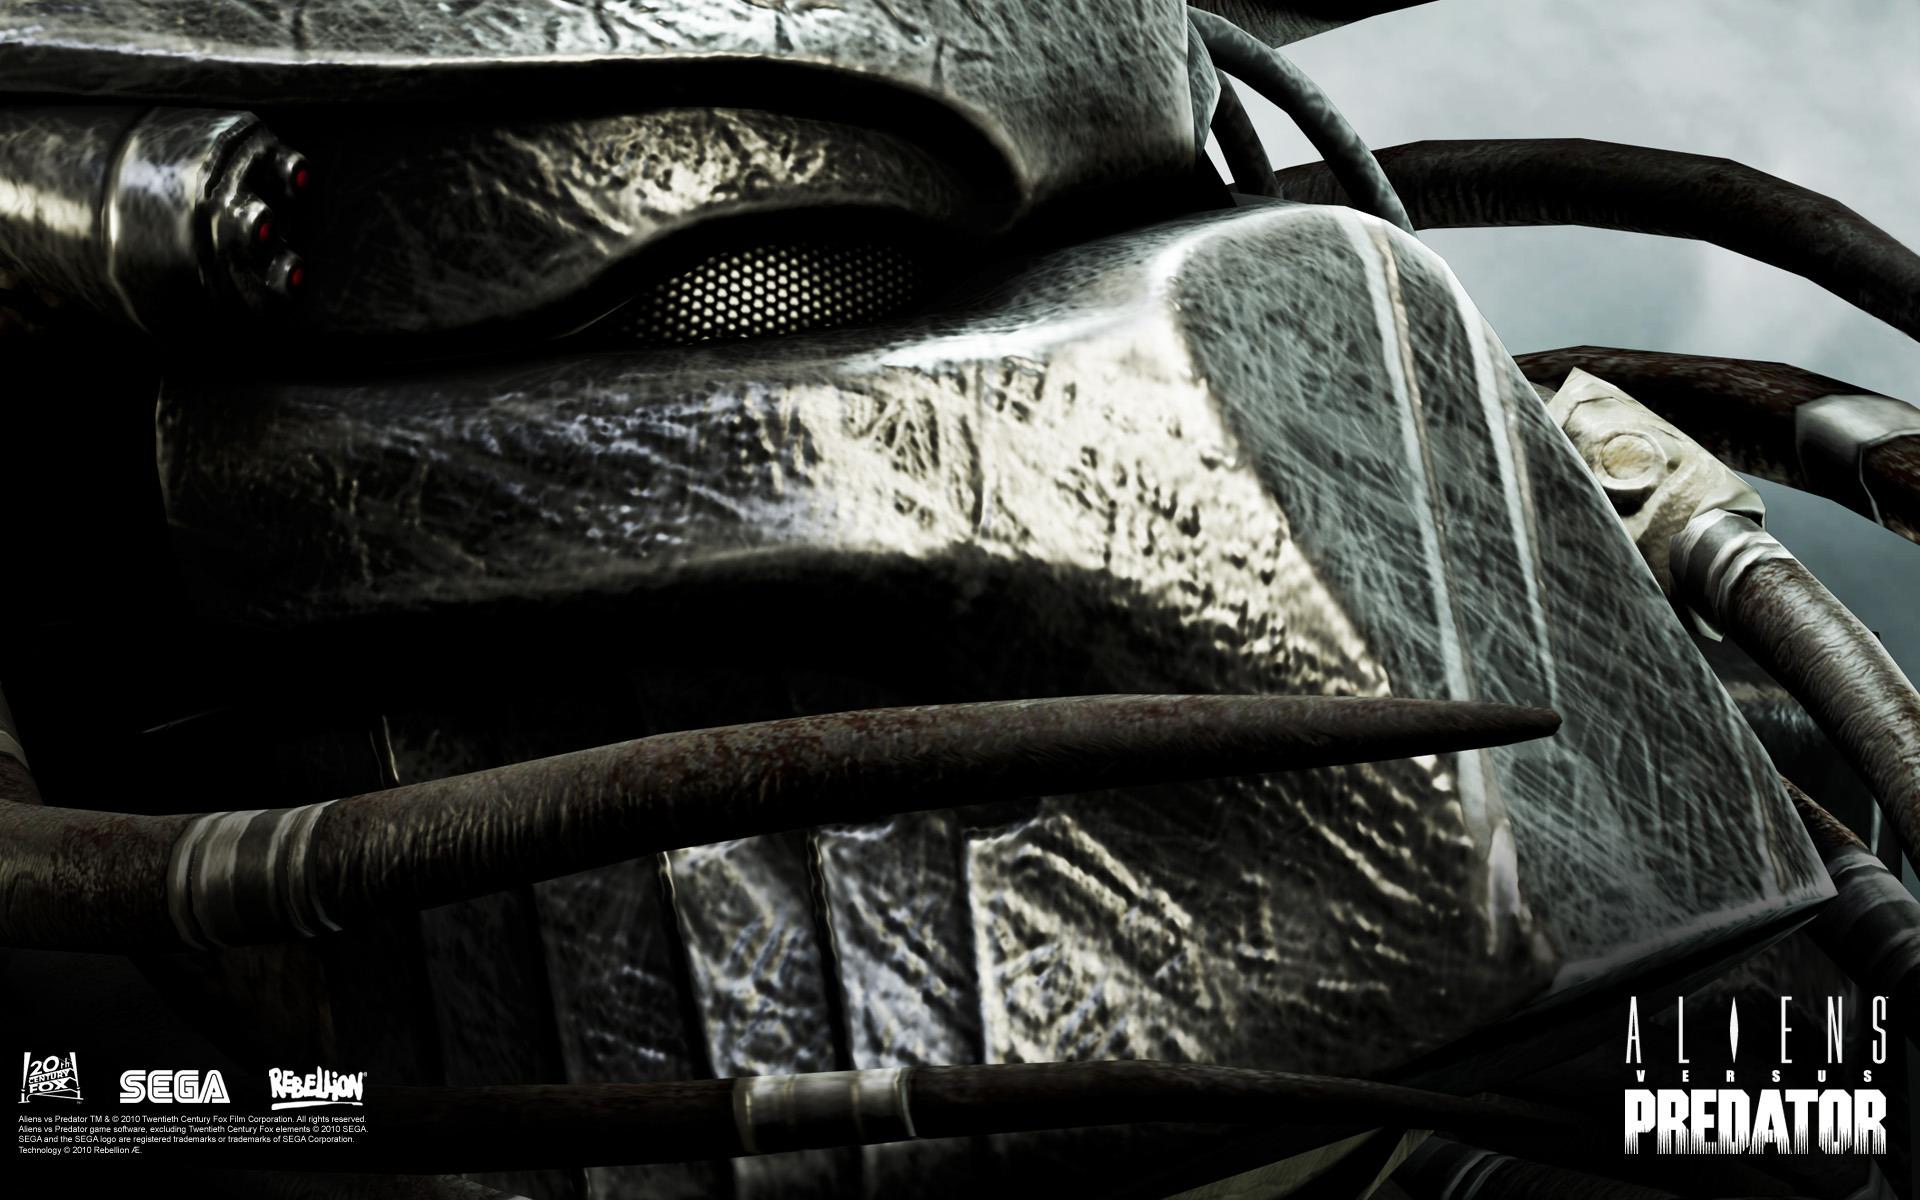 New Aliens Vs Predator MP Trailer - Aliens vs. Predator ...  |Alien Vs Predator Xbox 360 Wallpaper